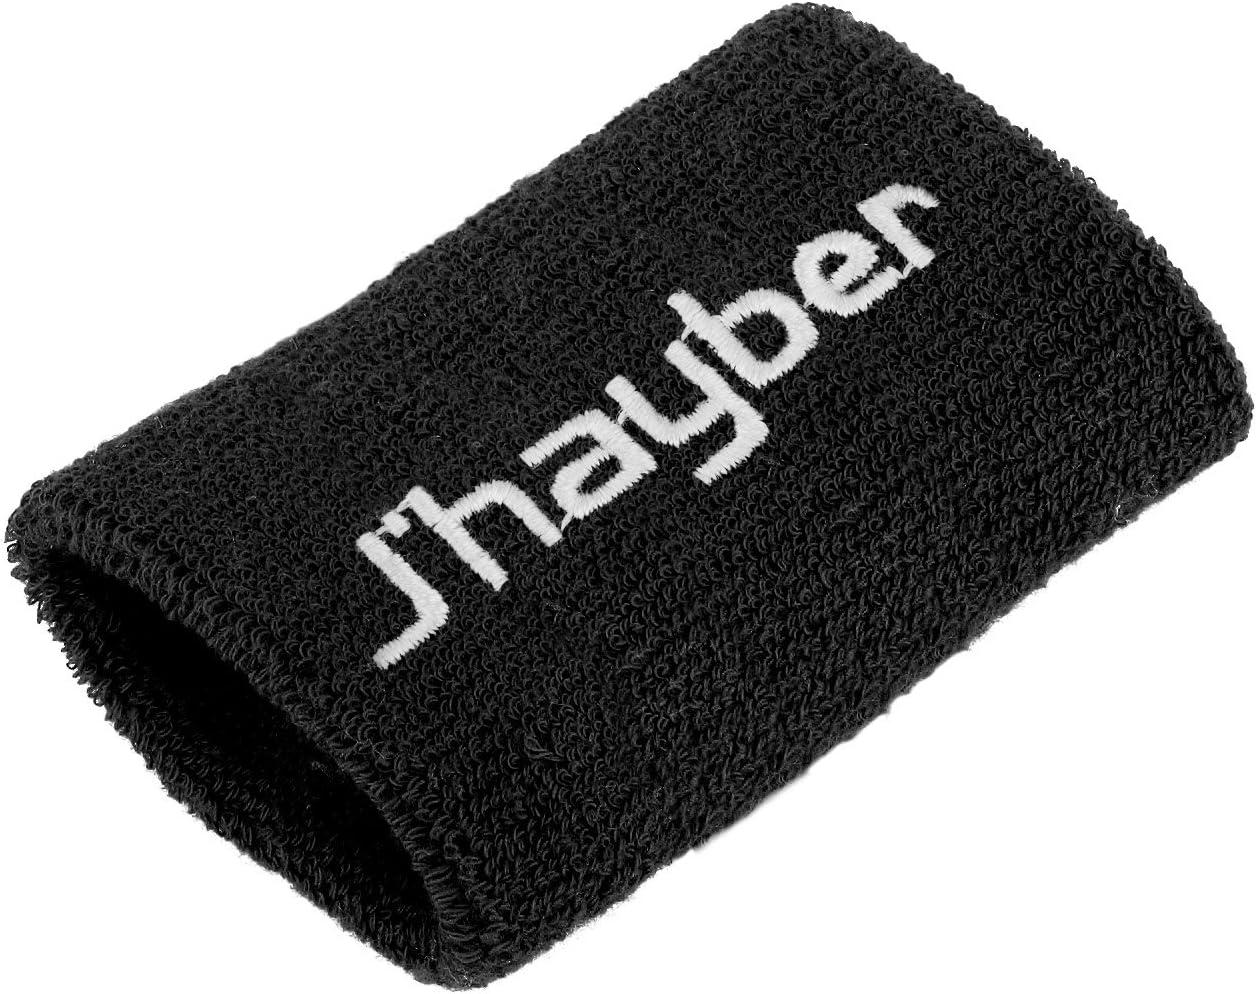 J'hayber 18293-200 Muñequera, Unisex Adulto, Negro, Talla Única